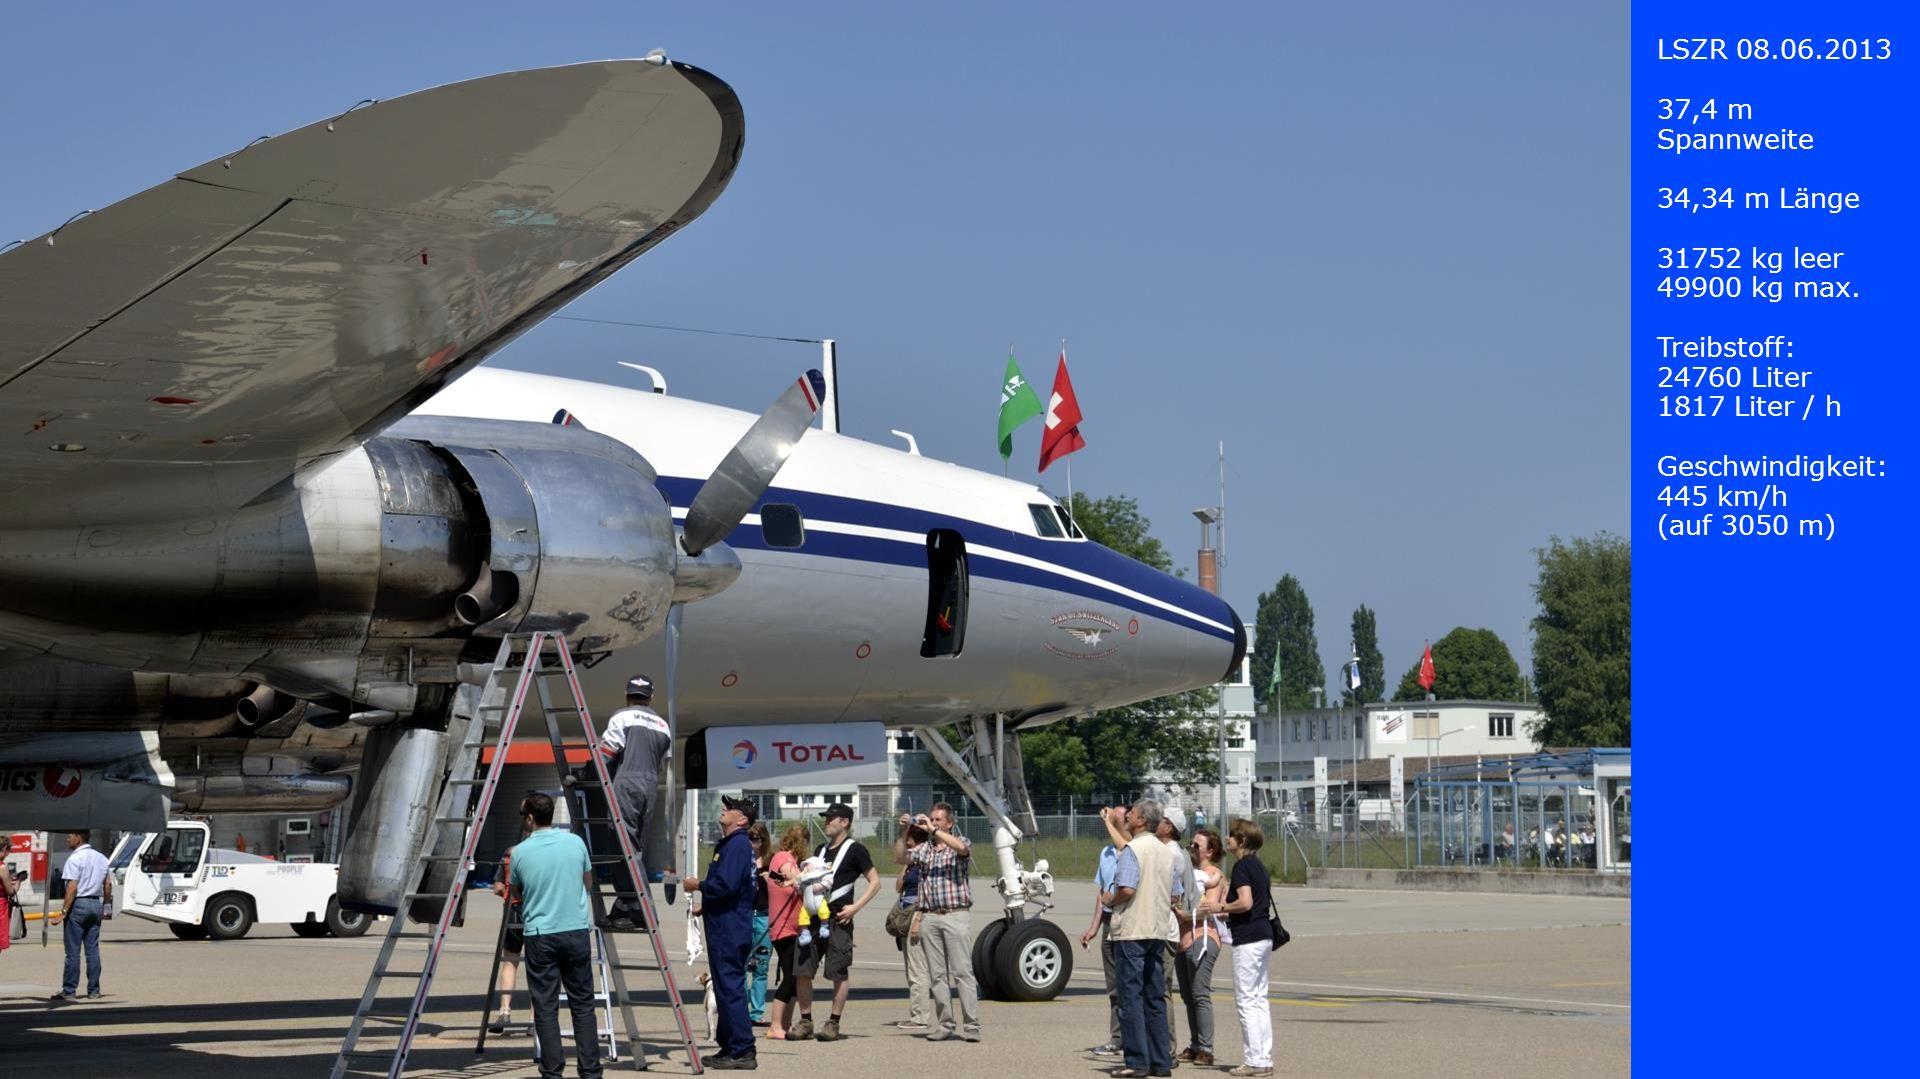 LSZR 08.06.2013 37,4 m Spannweite. 34,34 m Länge. 31752 kg leer. 49900 kg max. Treibstoff: 24760 Liter.